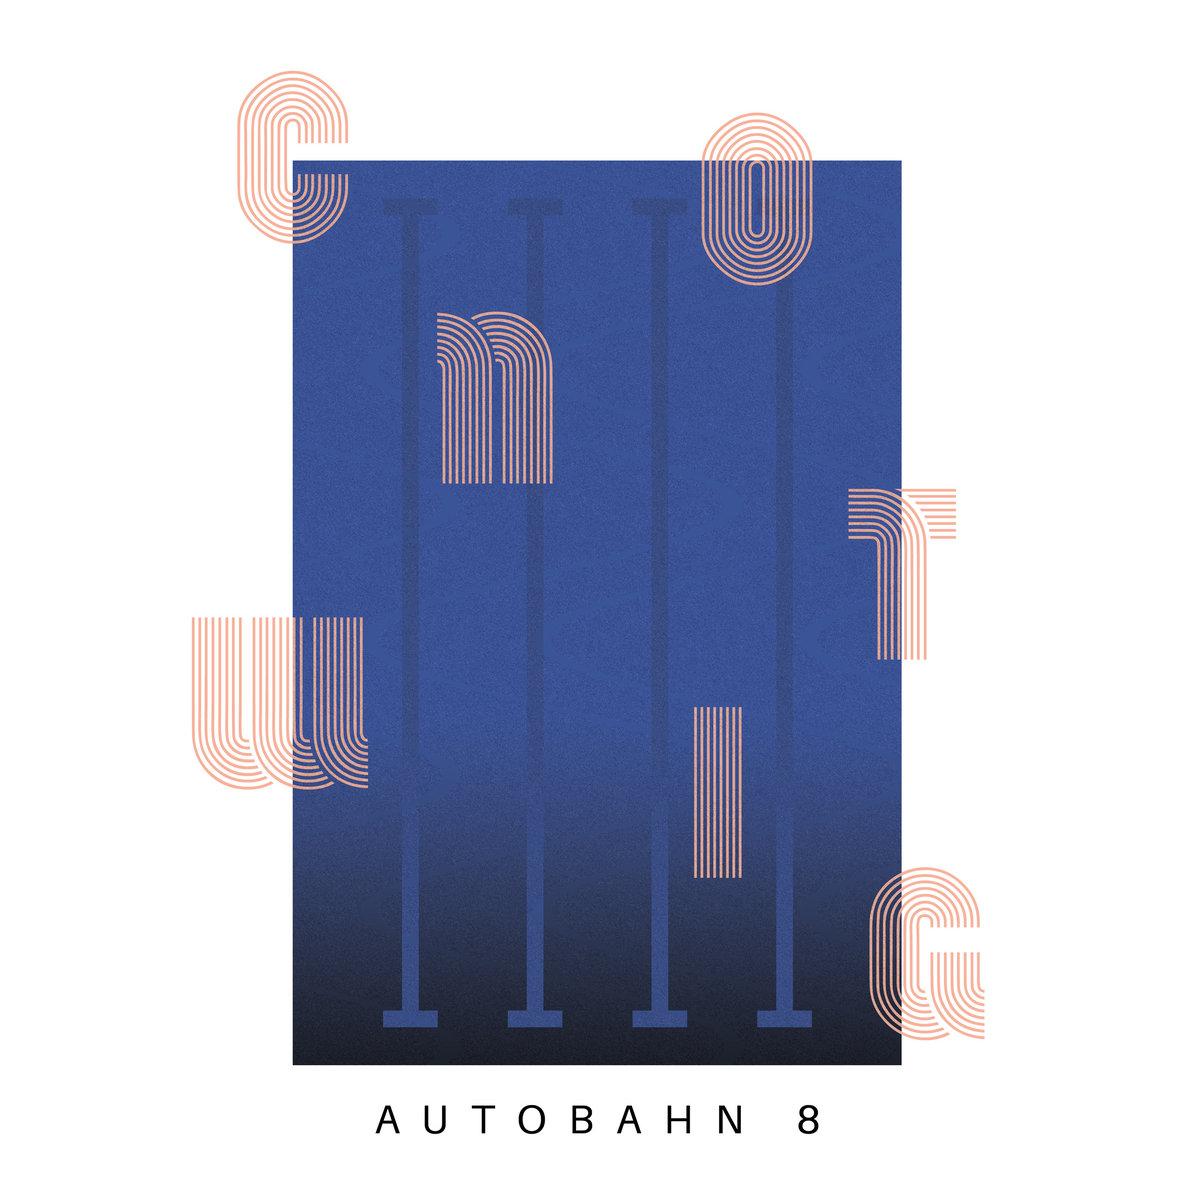 https://contwig.bandcamp.com/album/autobahn-8-2